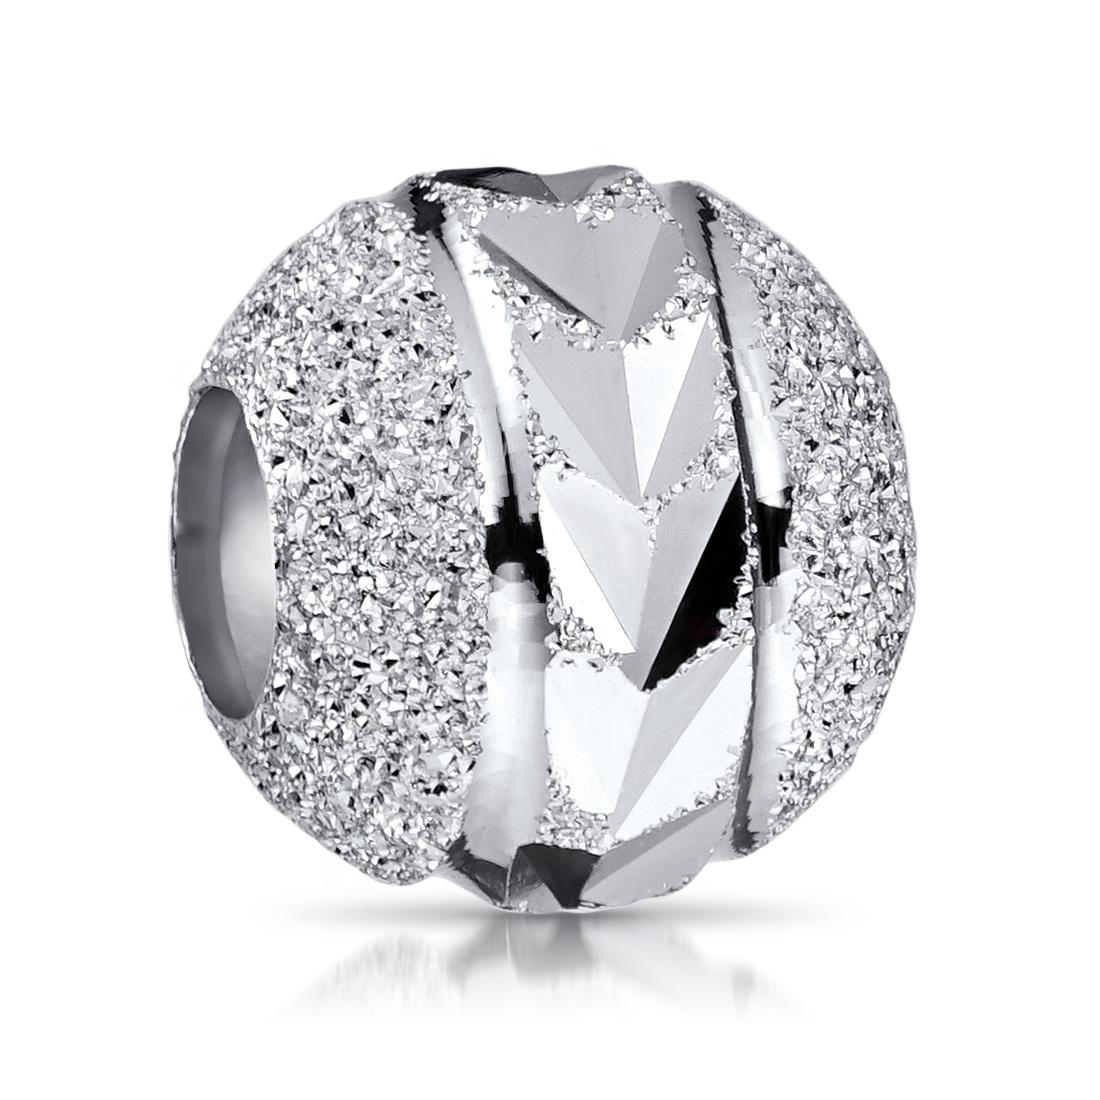 MATERIA Damen Beads Perle 925 Silber Charm Kugel diamantiert